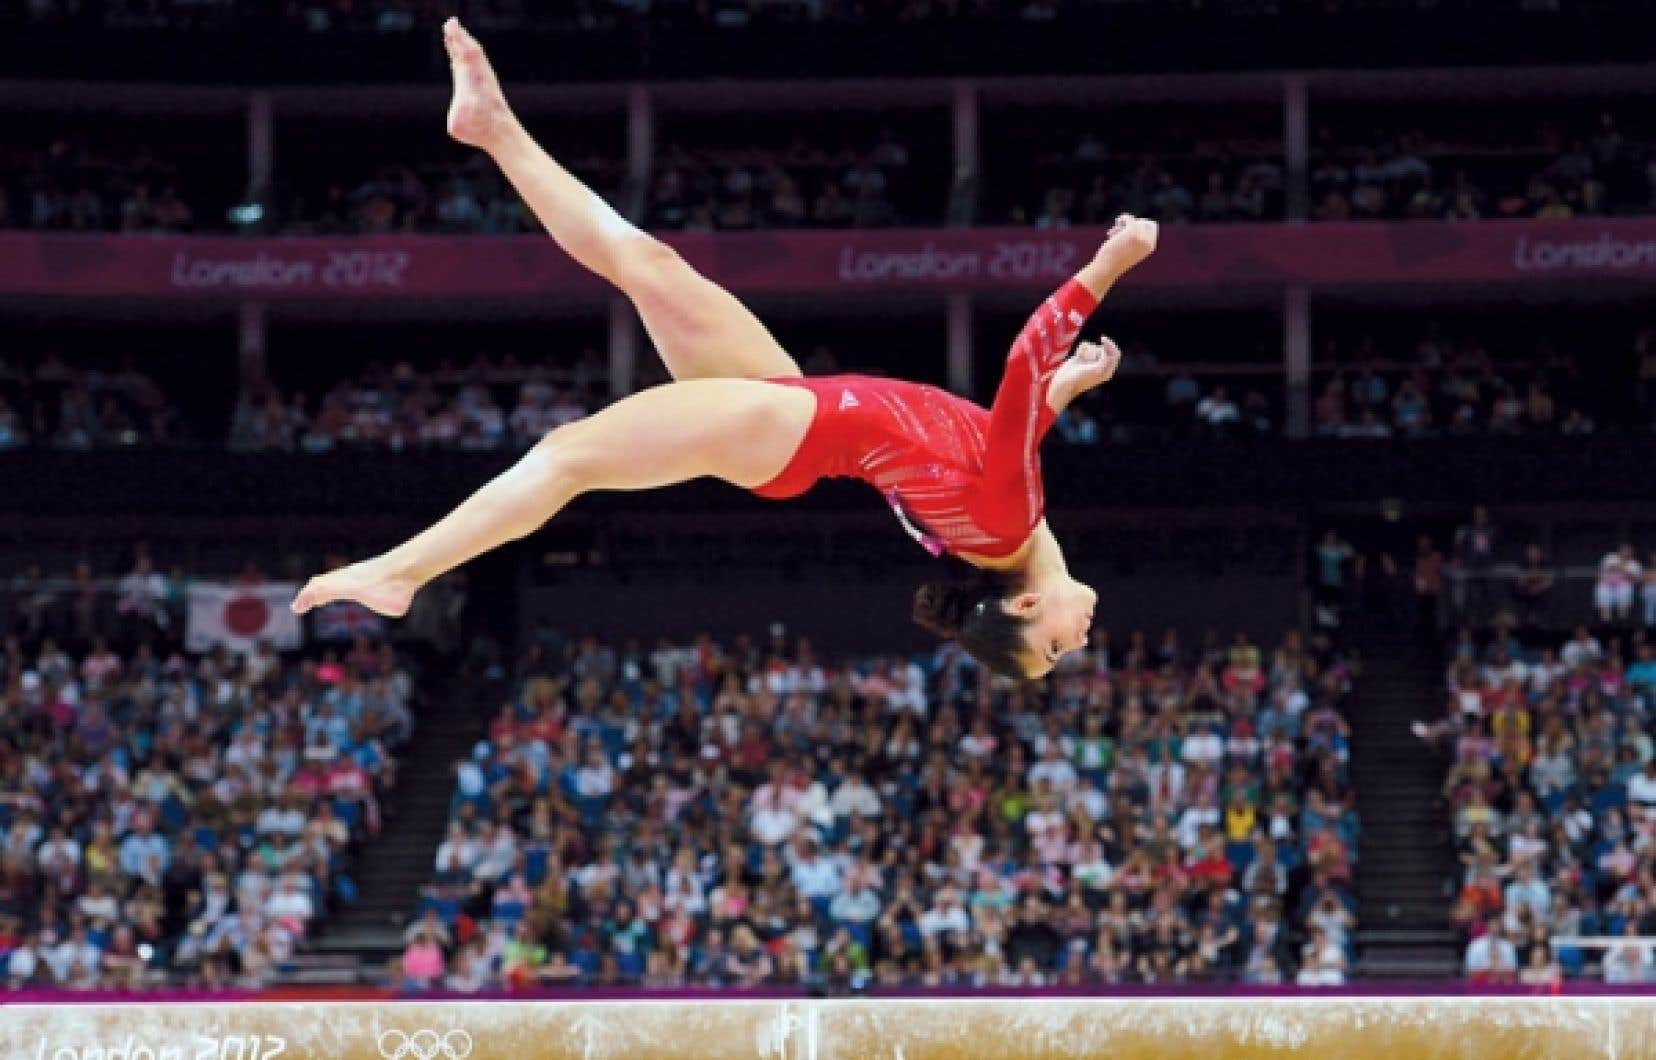 La gymnaste Alexandra Raisman